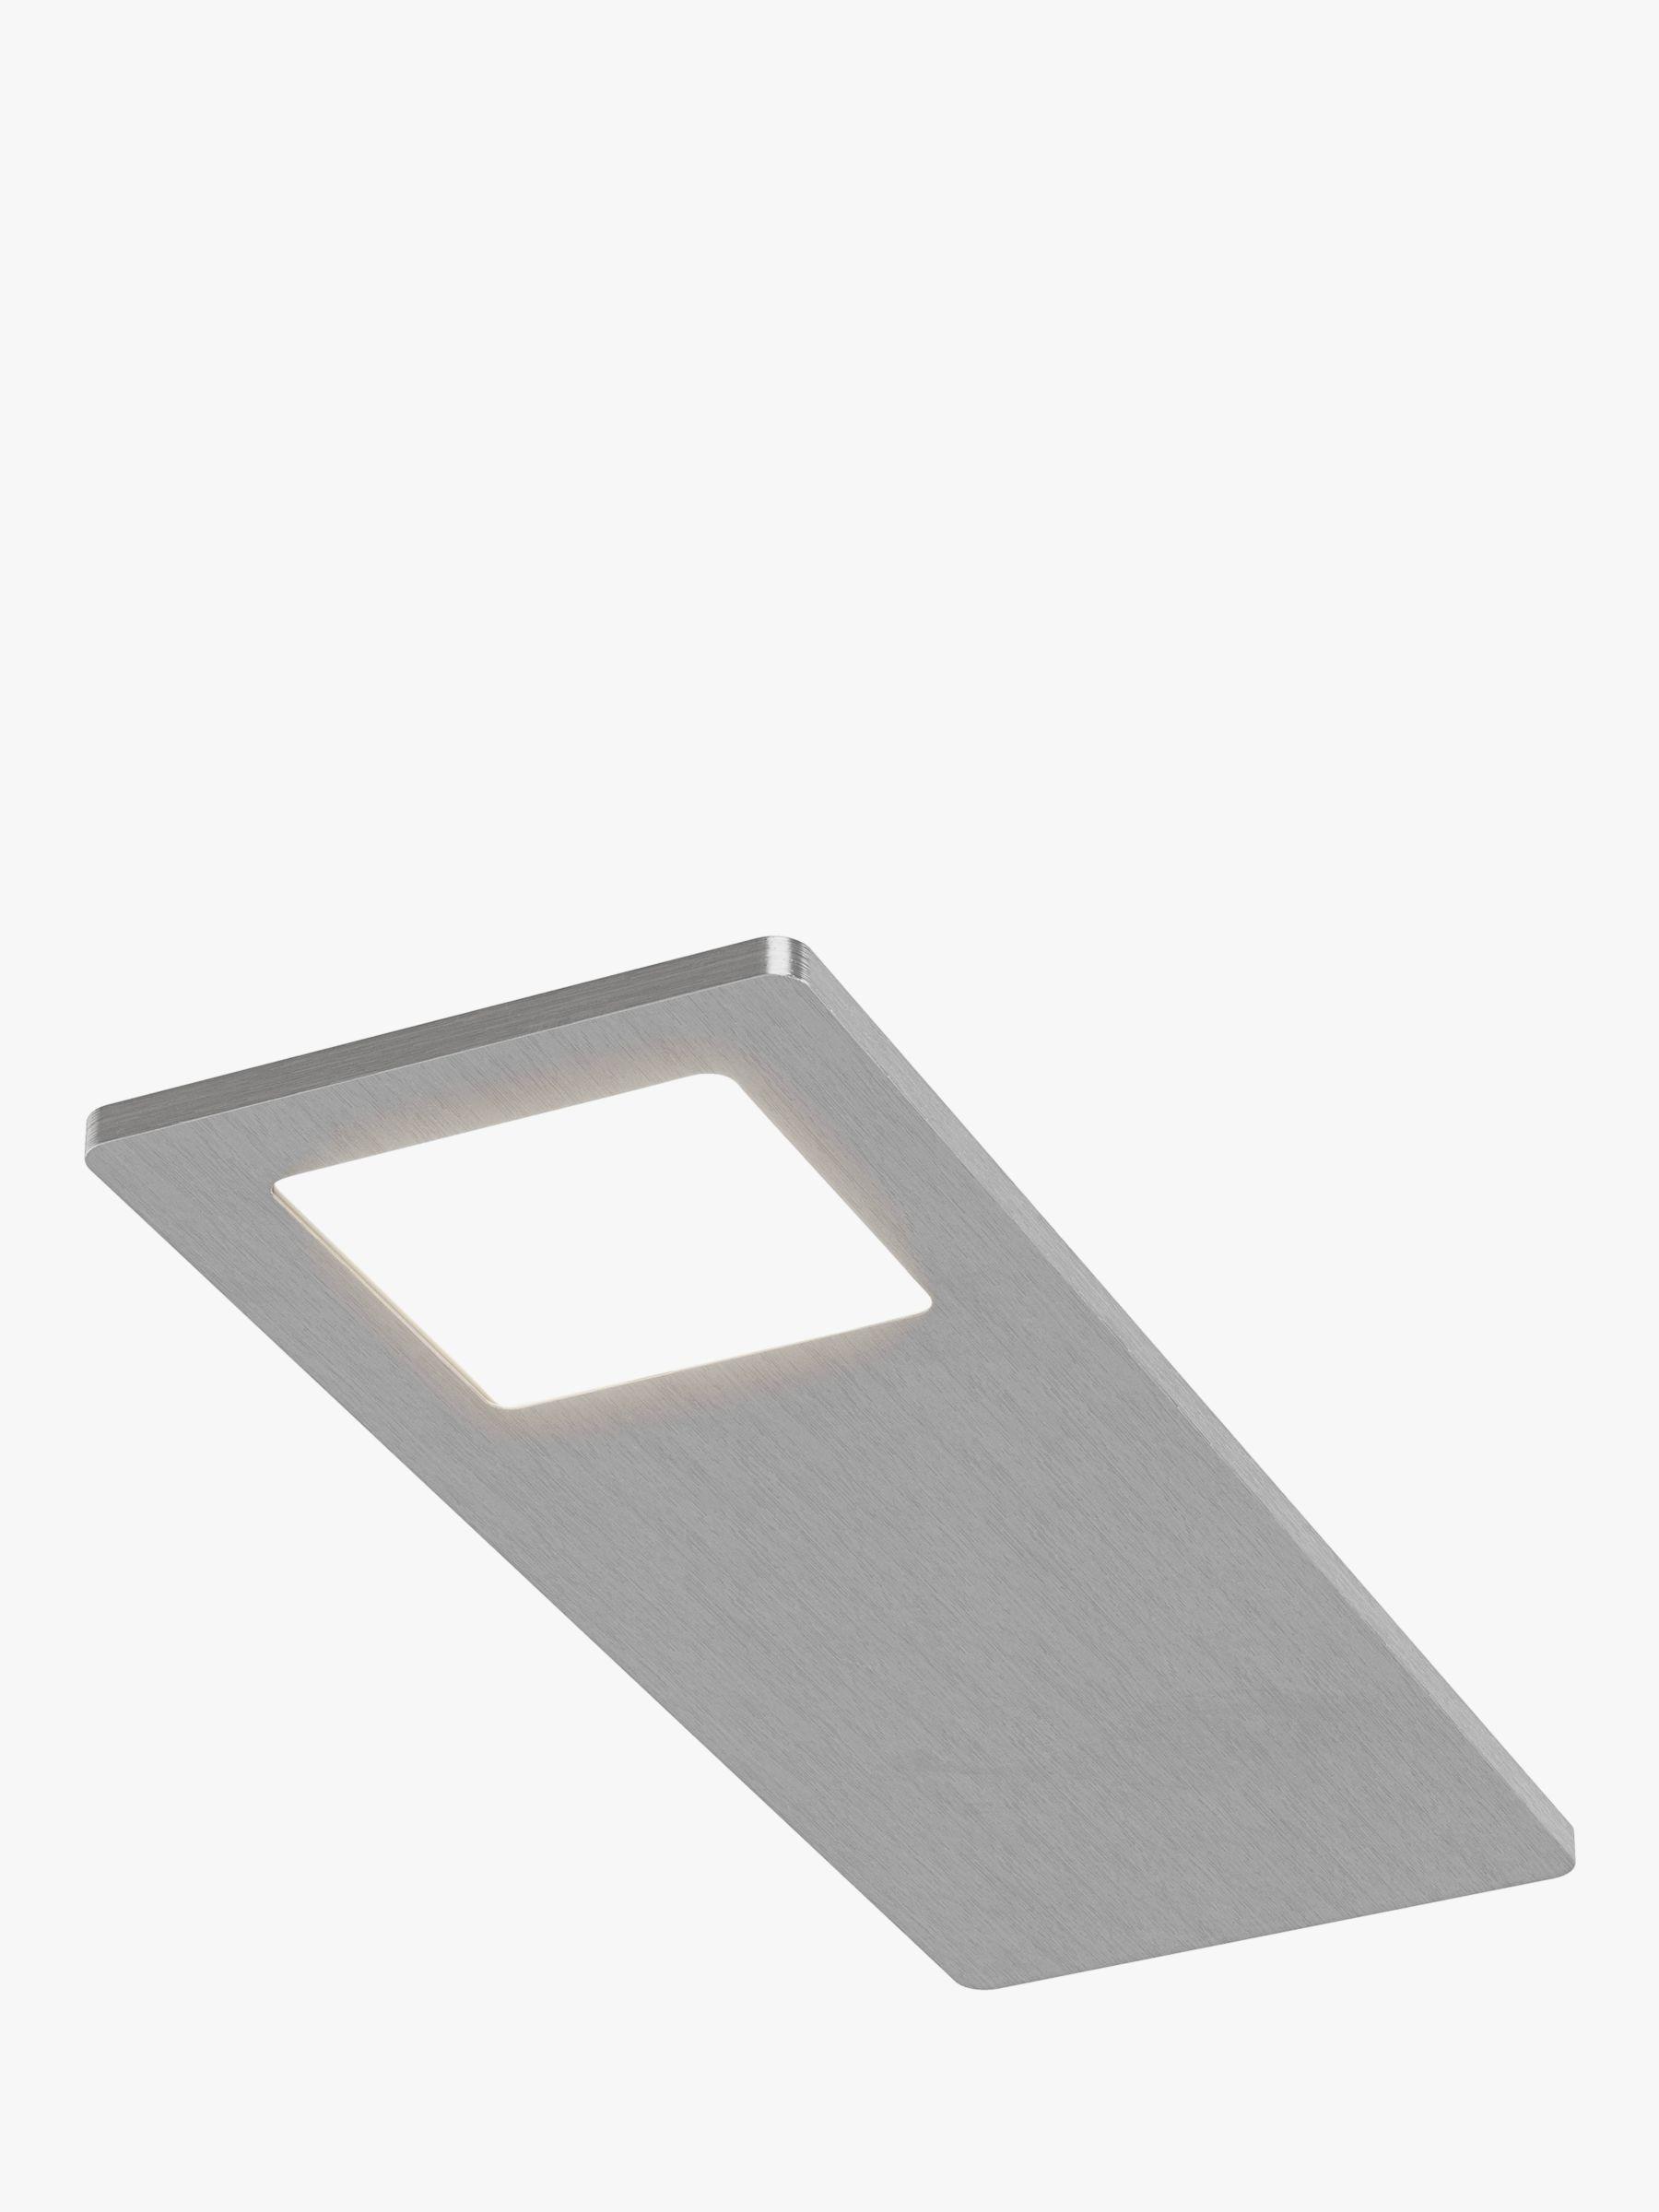 Sensio Astro LED Trio Tone Under Kitchen Cabinet Light, White